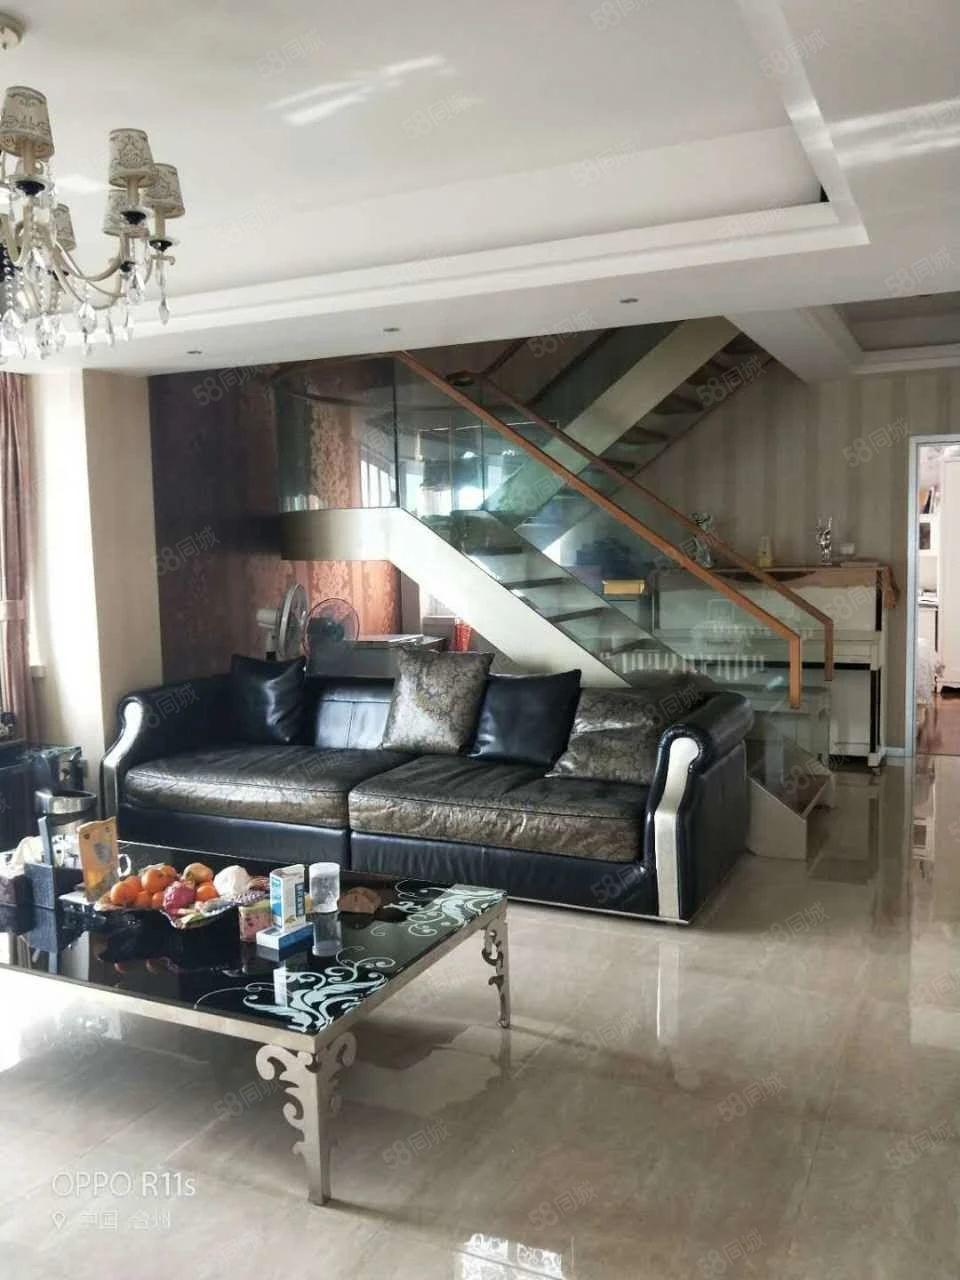 景泰嘉苑17层复式套房精致装修带车库价230万